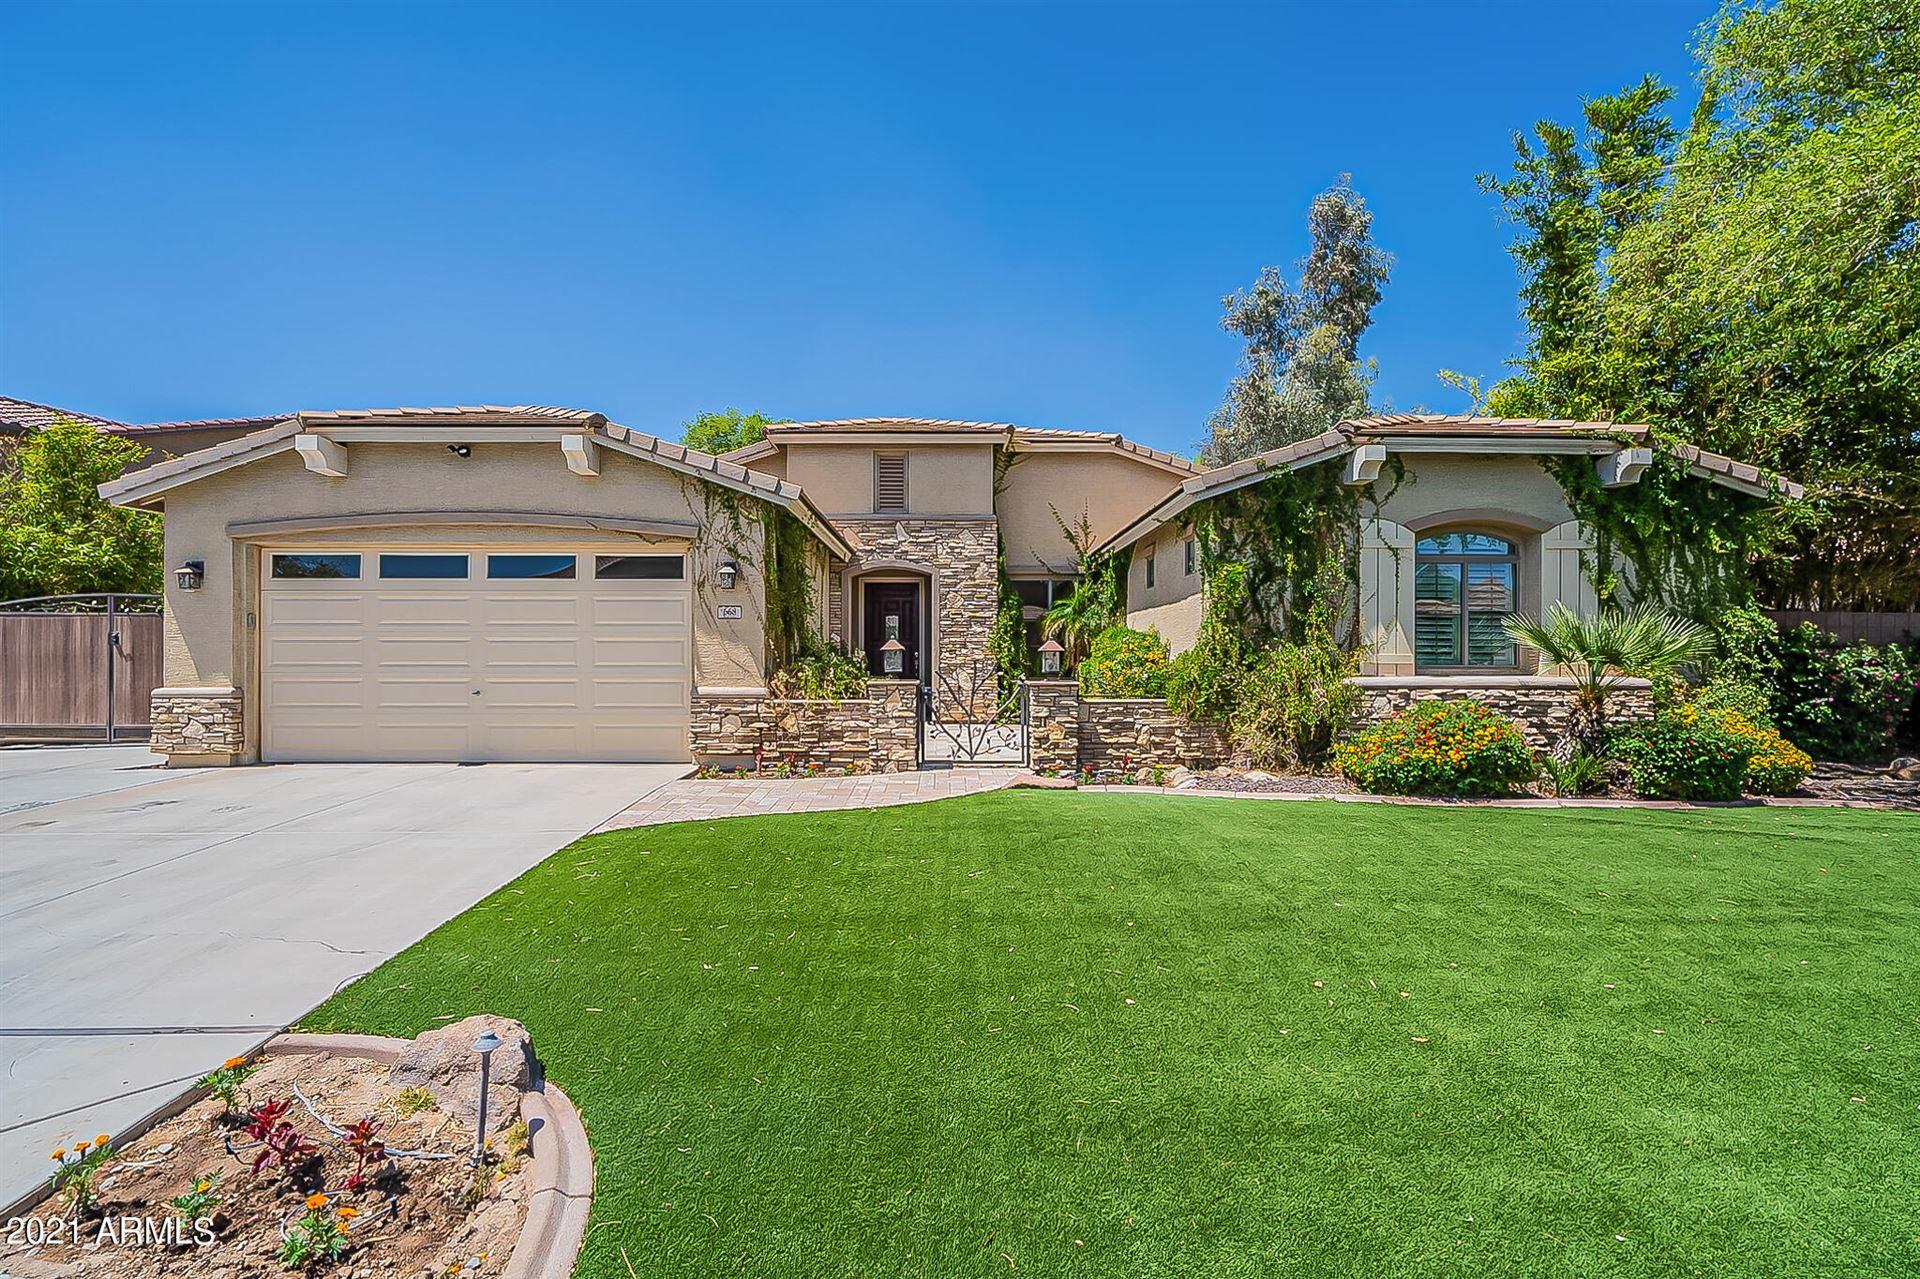 Photo of 668 W BASSWOOD Avenue, Queen Creek, AZ 85140 (MLS # 6231415)